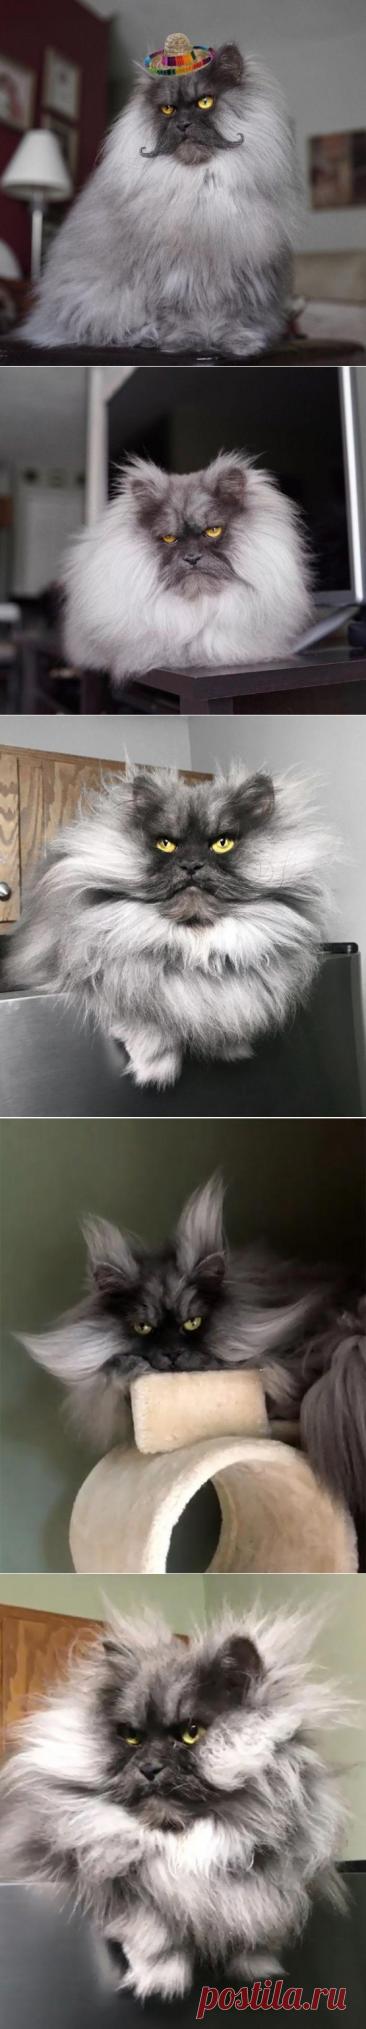 Кот с осуждающим взглядом